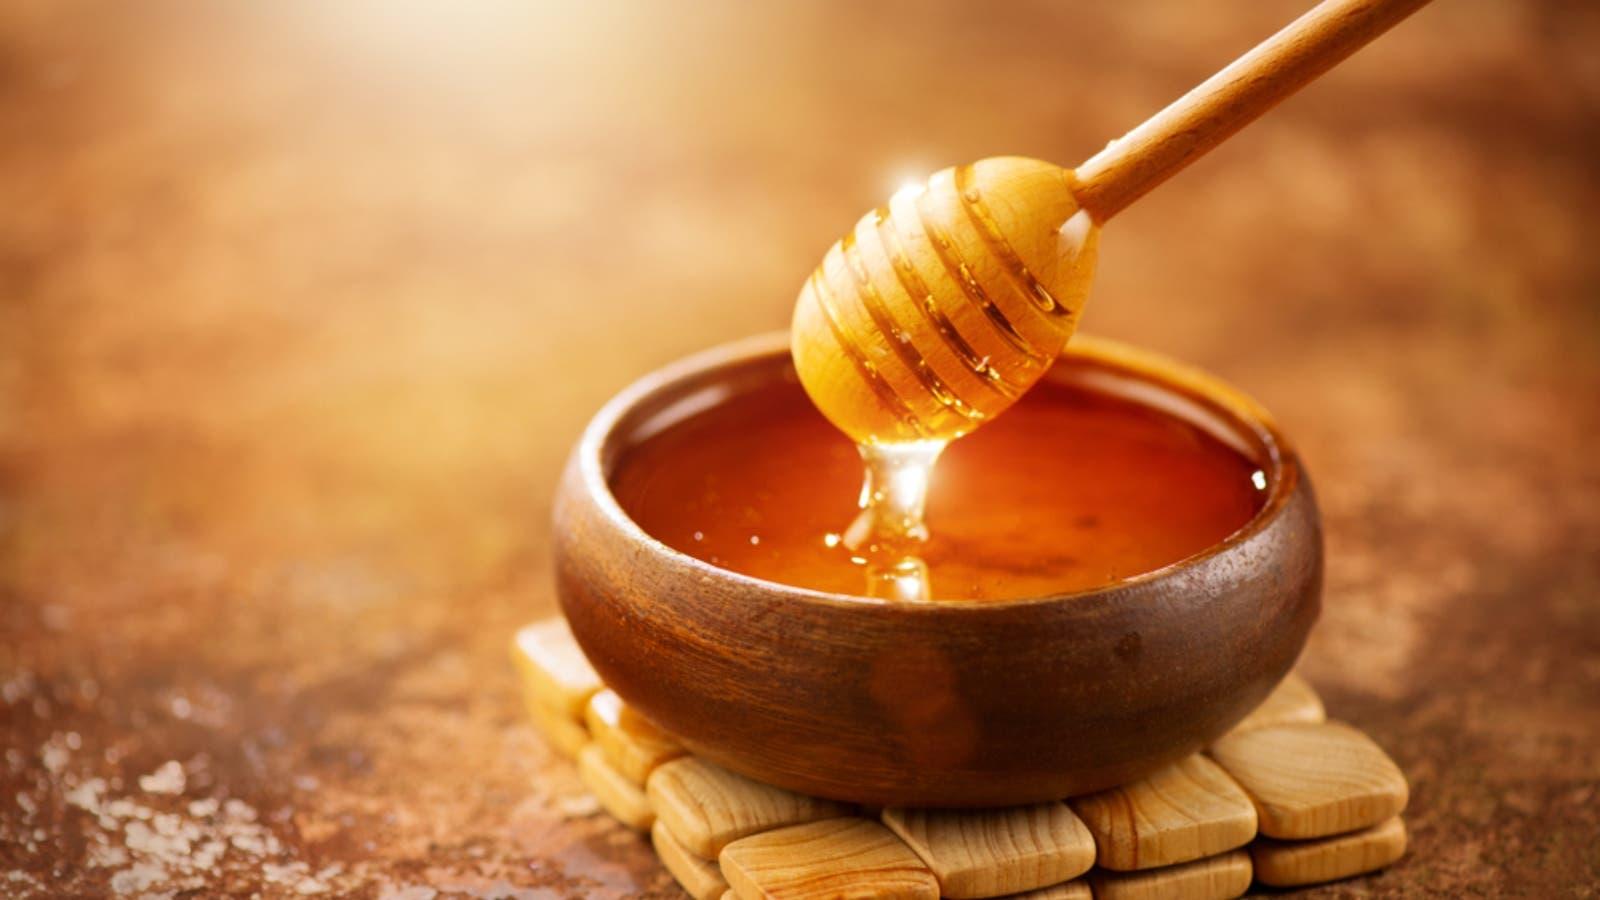 نصائح لتناول العسل عند اتباع الرجيم